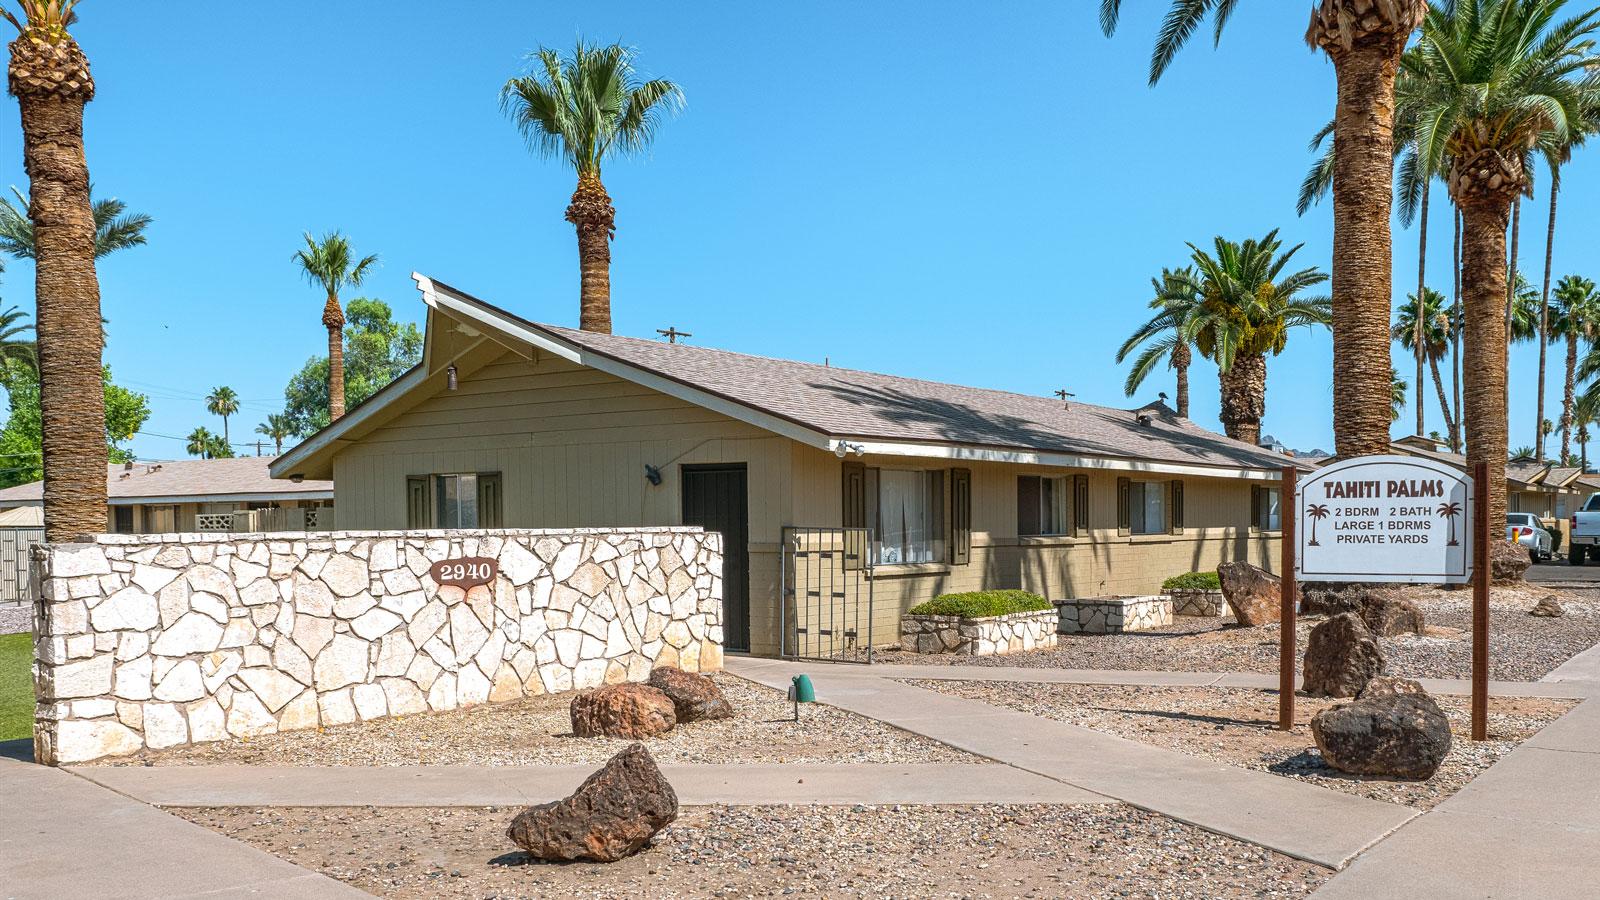 Tahiti Palms | 2940 North 40th Street, Phoenix, AZ 85018 | 27 Units | Completed in 1963 | Renovated in 2012 | $2,815,000 | $104,259 Per Unit | $123.74 Per SF